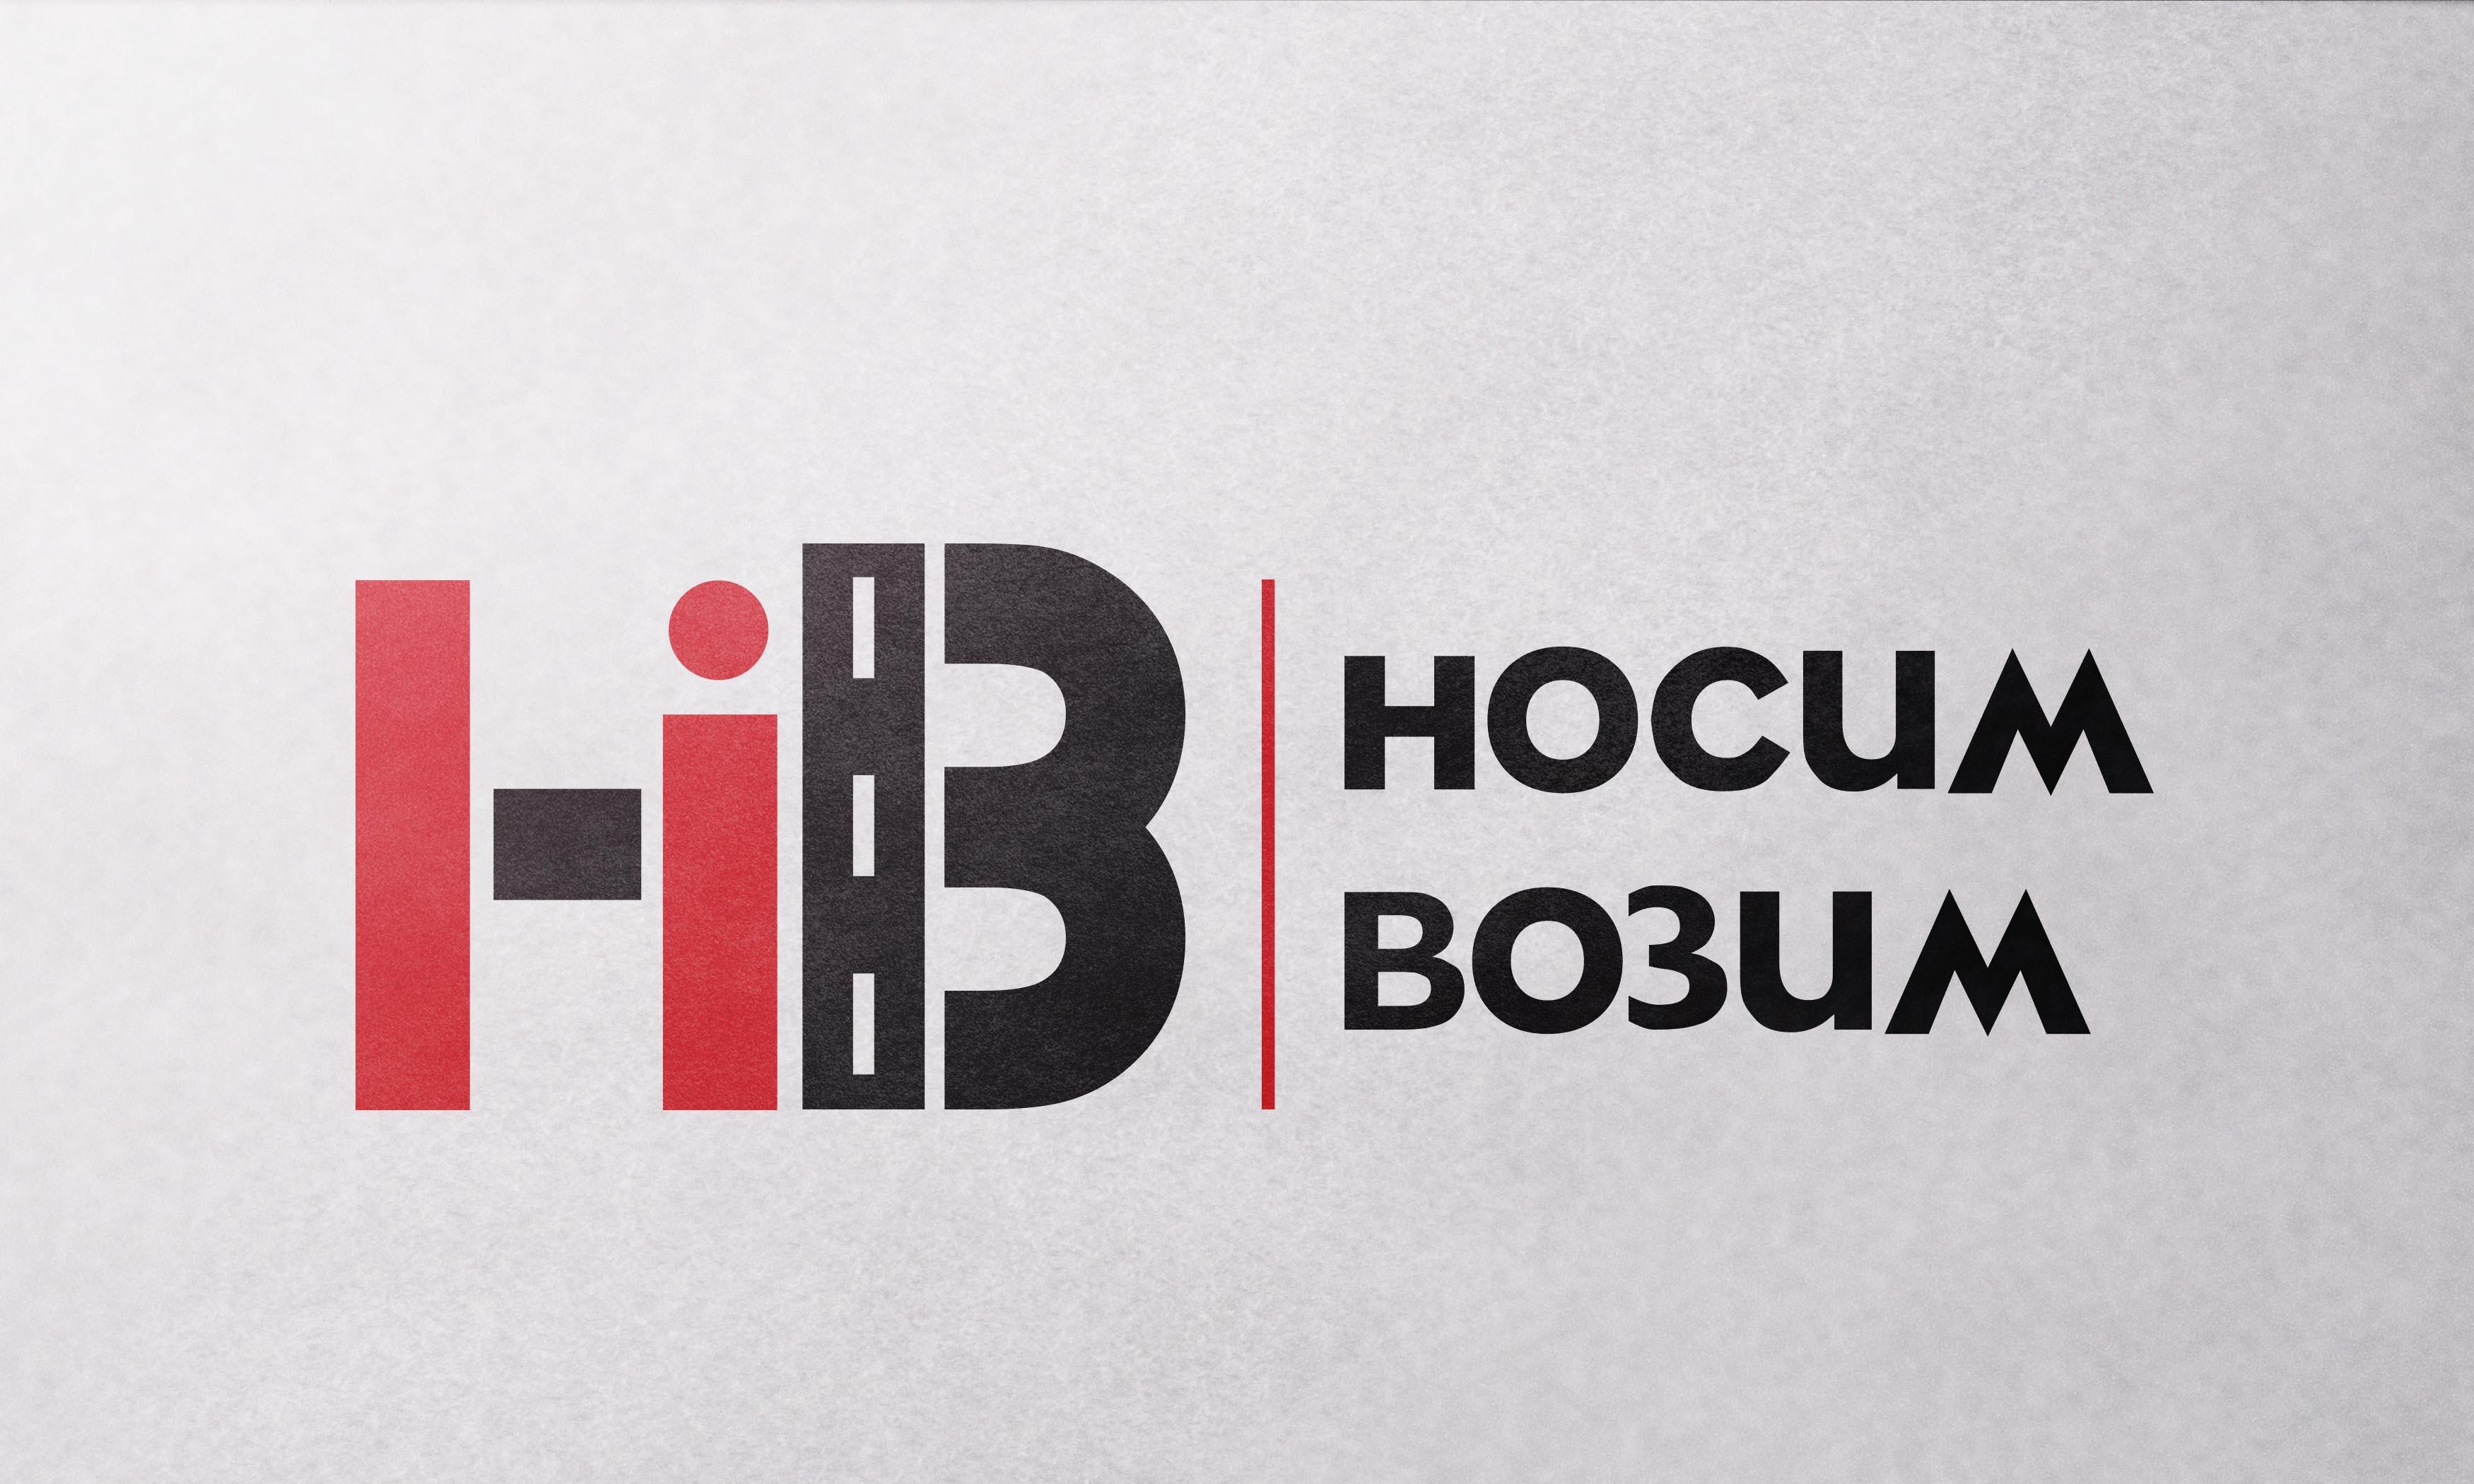 Логотип компании по перевозкам НосимВозим фото f_4675cf79261ea24c.jpg